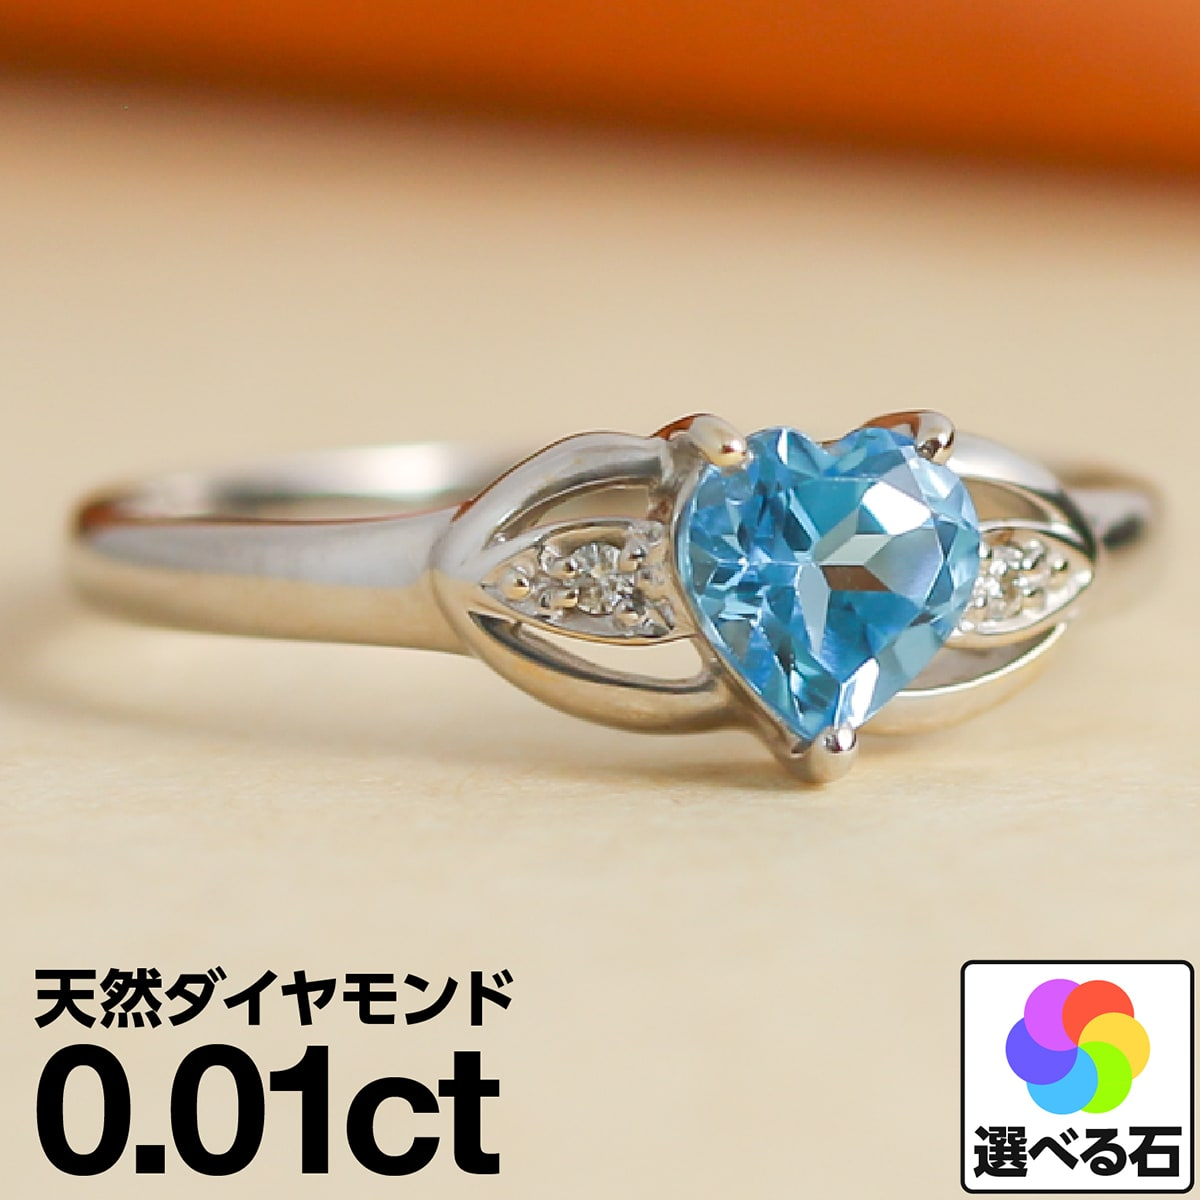 選べるカラーストーン リング プラチナ900 ファッションリング 品質保証書 金属アレルギー 日本製 誕生日 ギフト